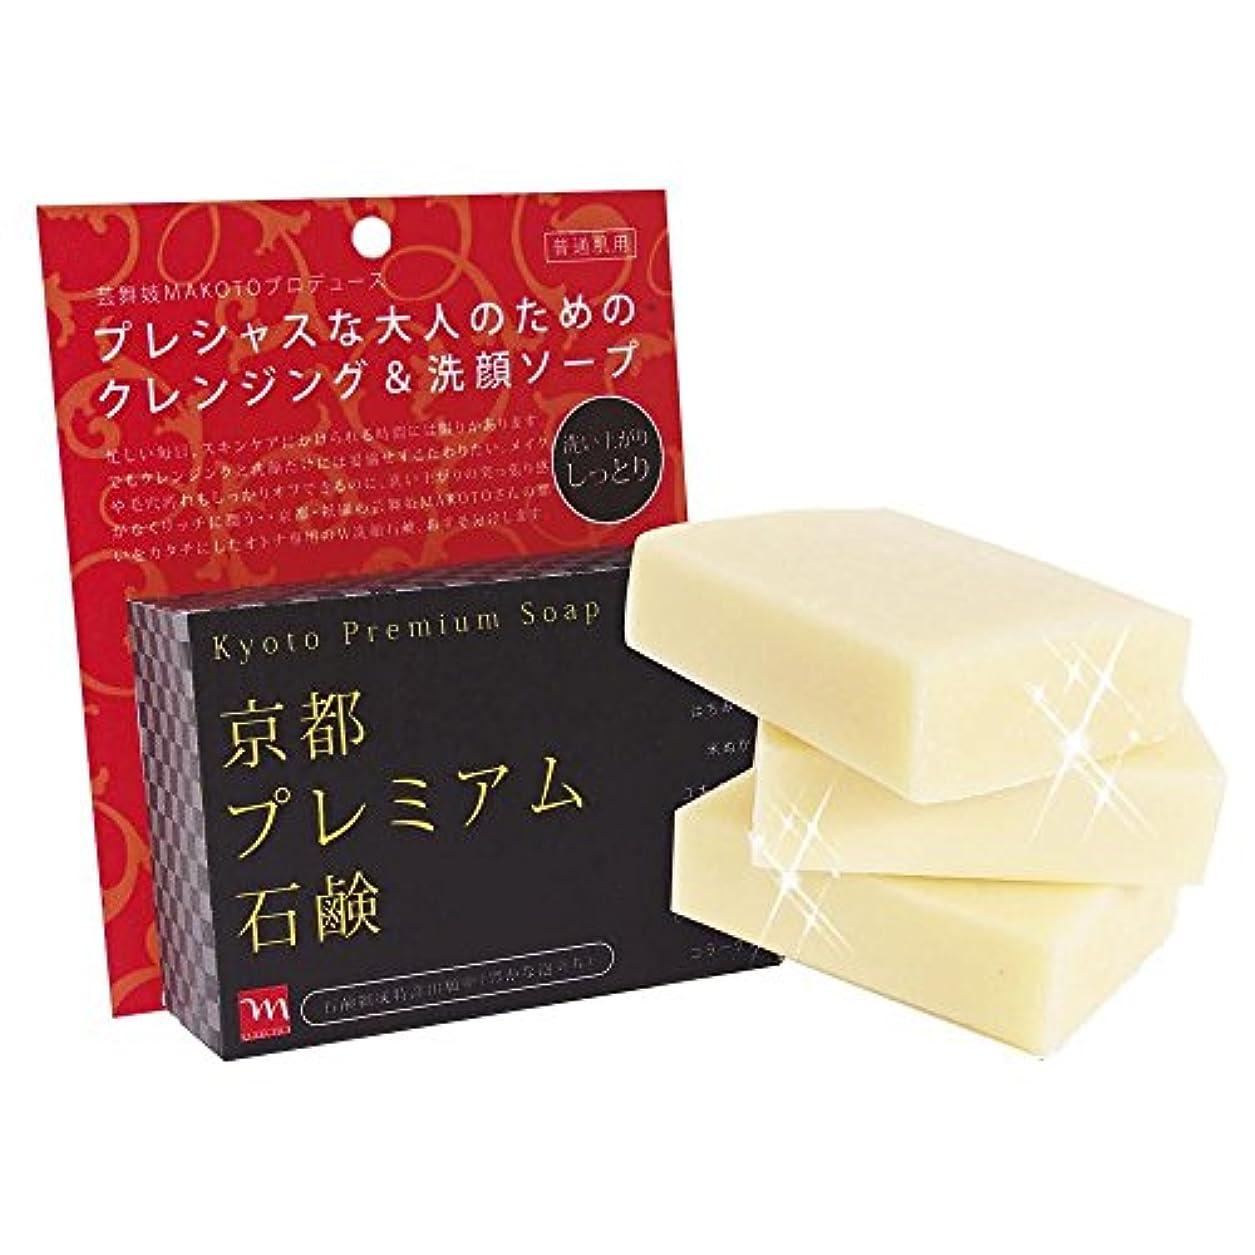 抽選ファイアル既婚京都プレミアム石鹸 120g【人気 おすすめ 】